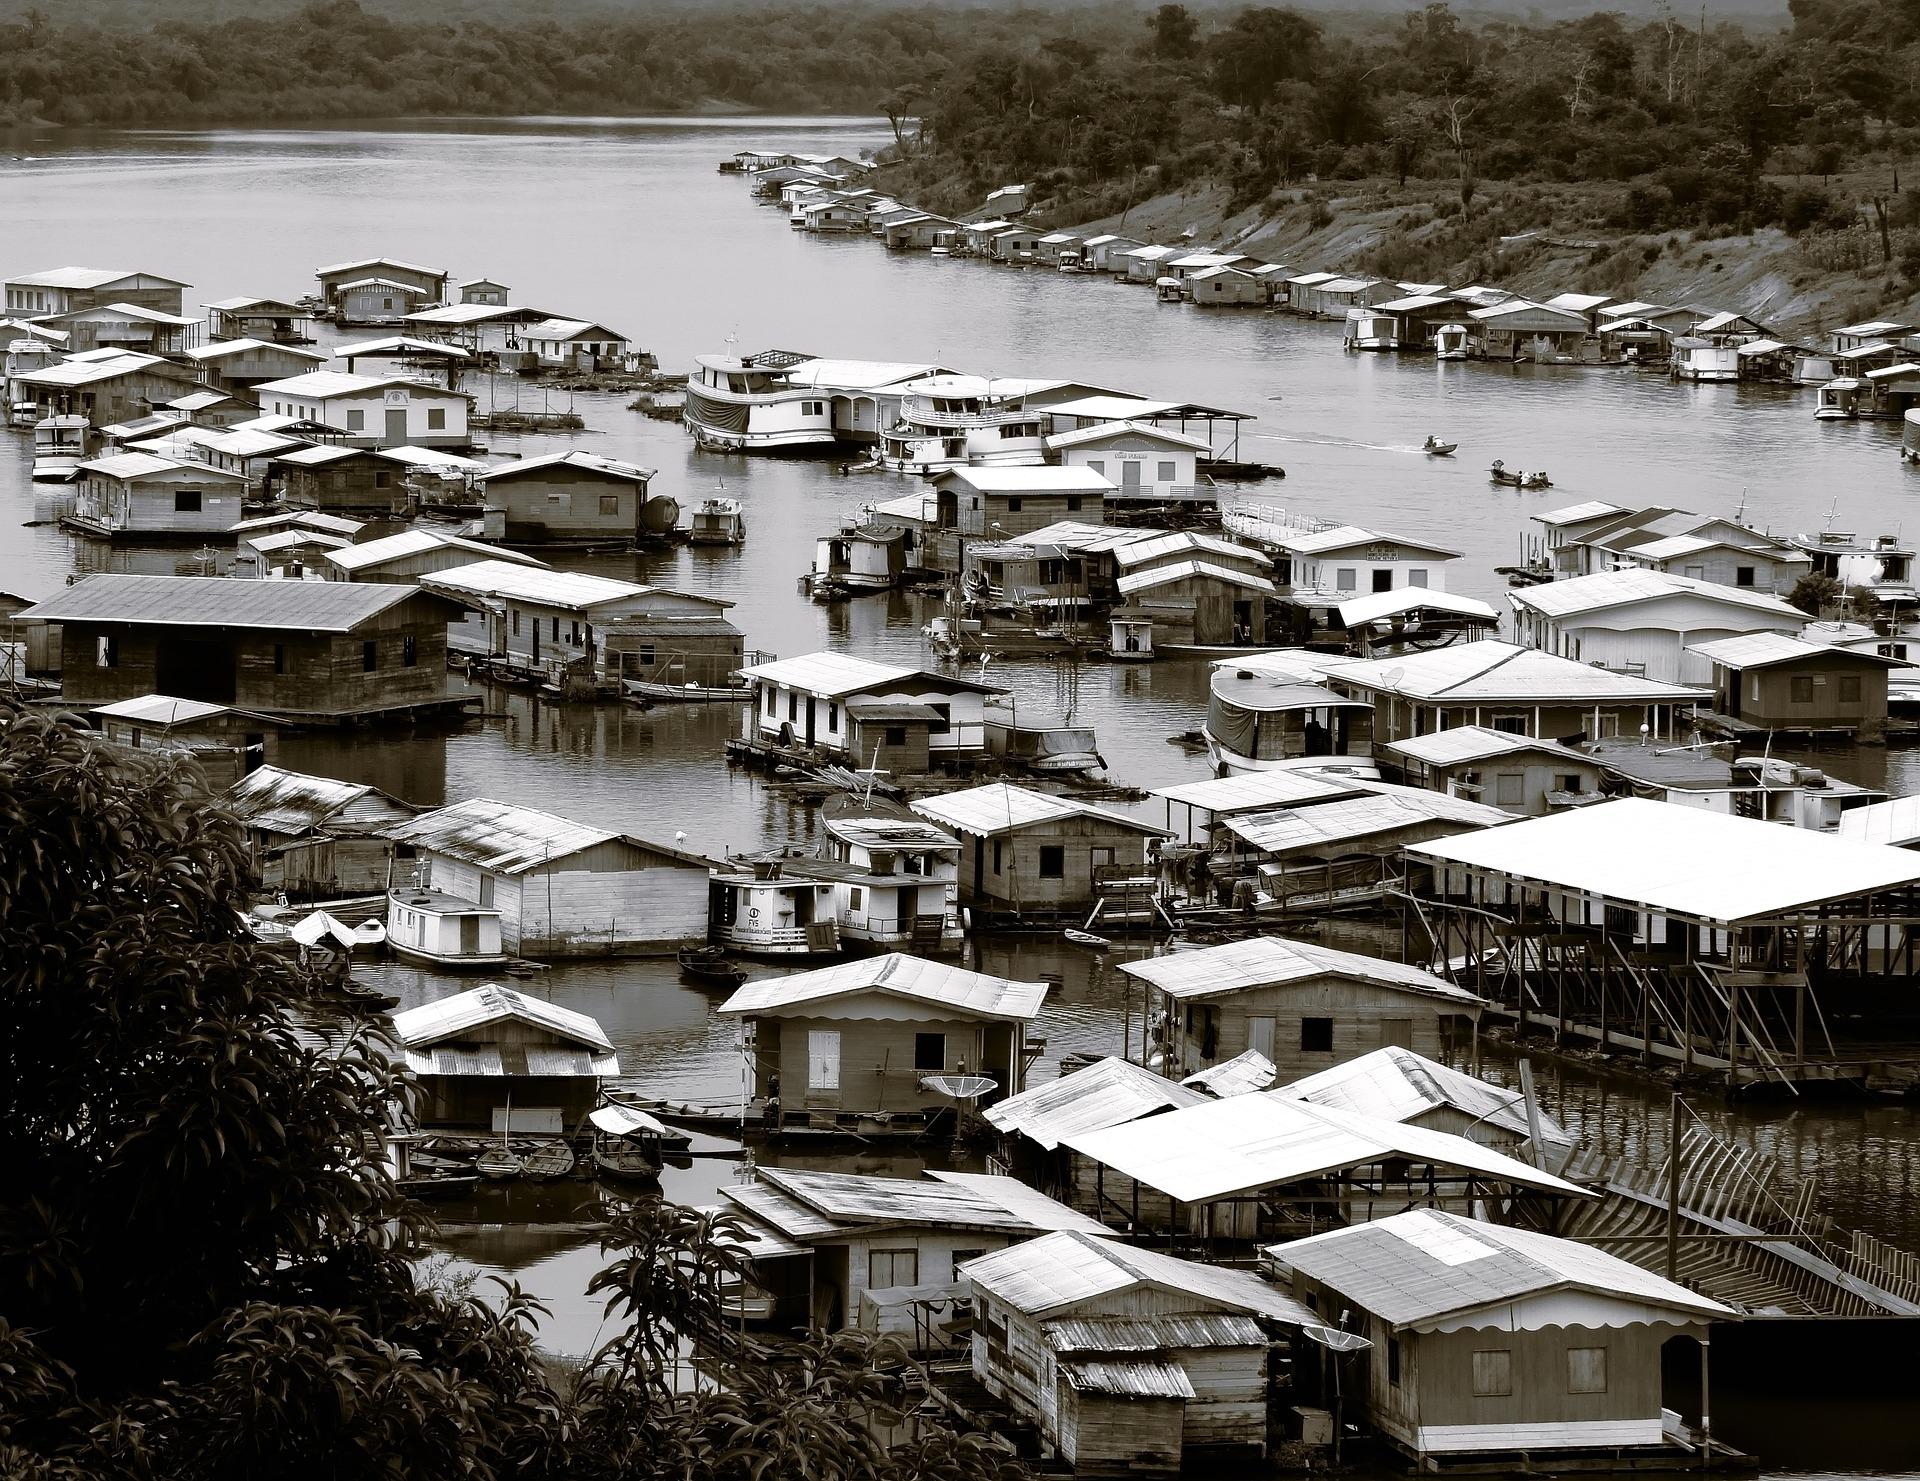 Dorf im Wasser Krankenhausschiff Ärzte